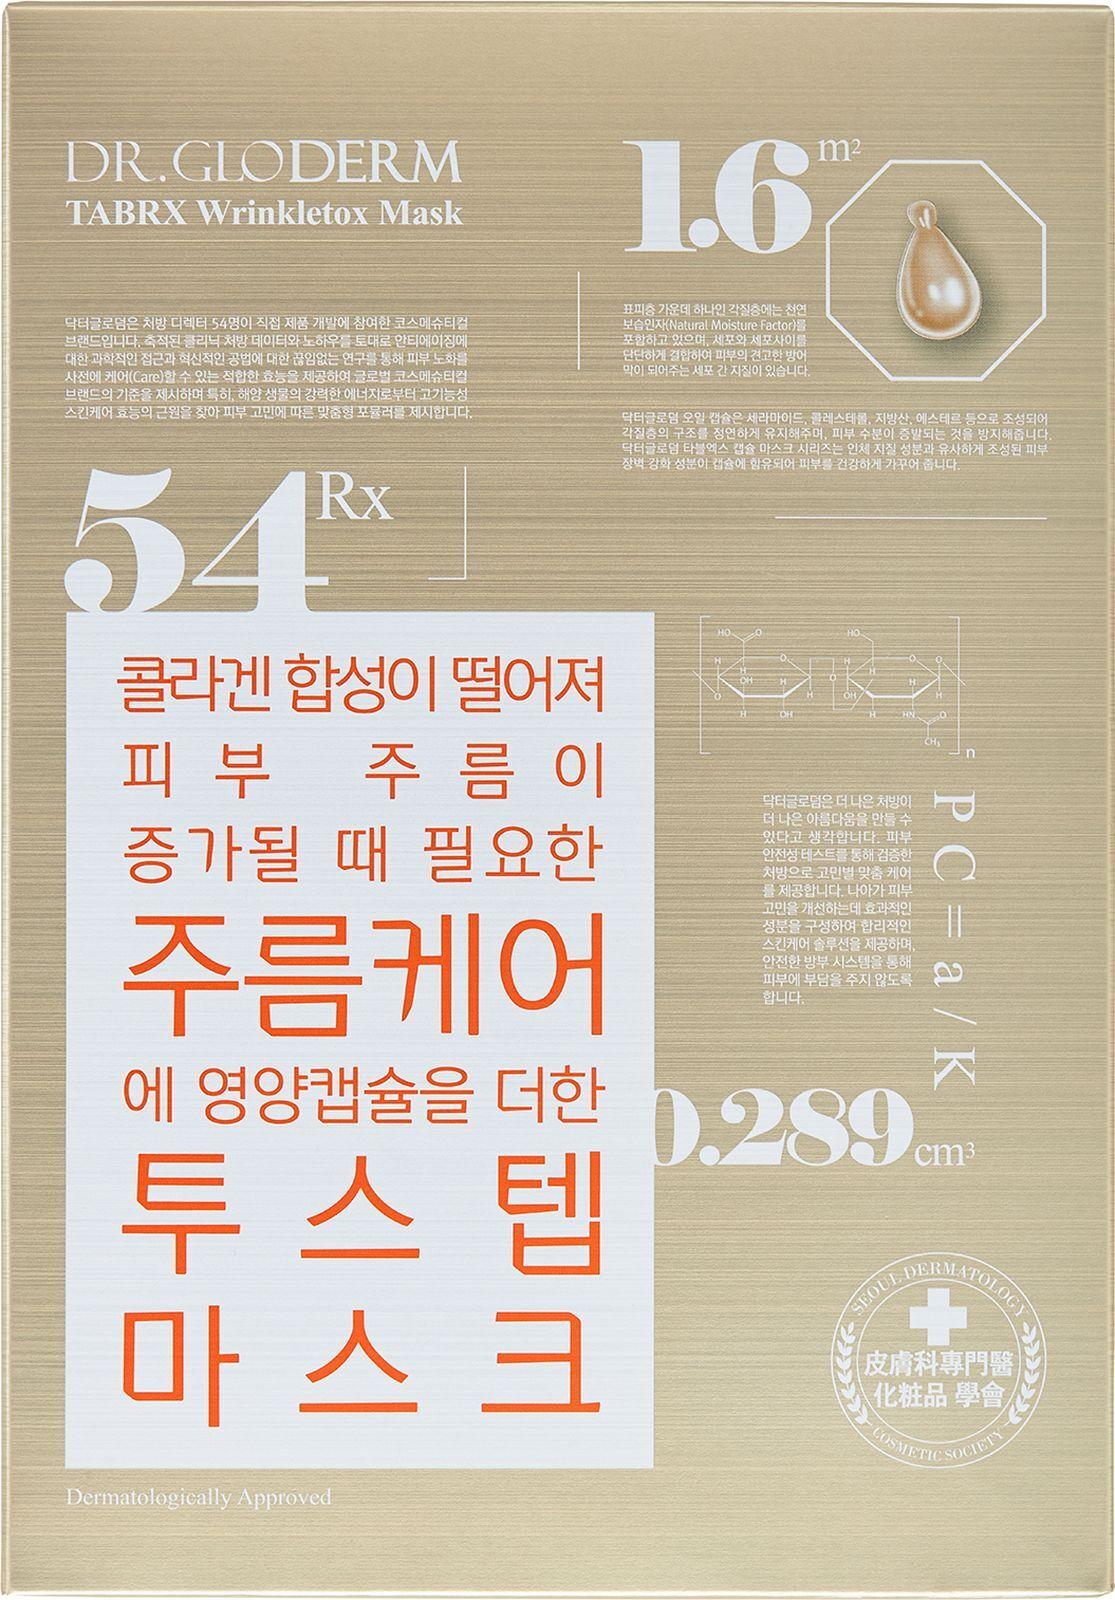 Маска для лица Dr.Gloderm WrinkleTox TabRX, разглаживающая, 5 шт х 25 мл